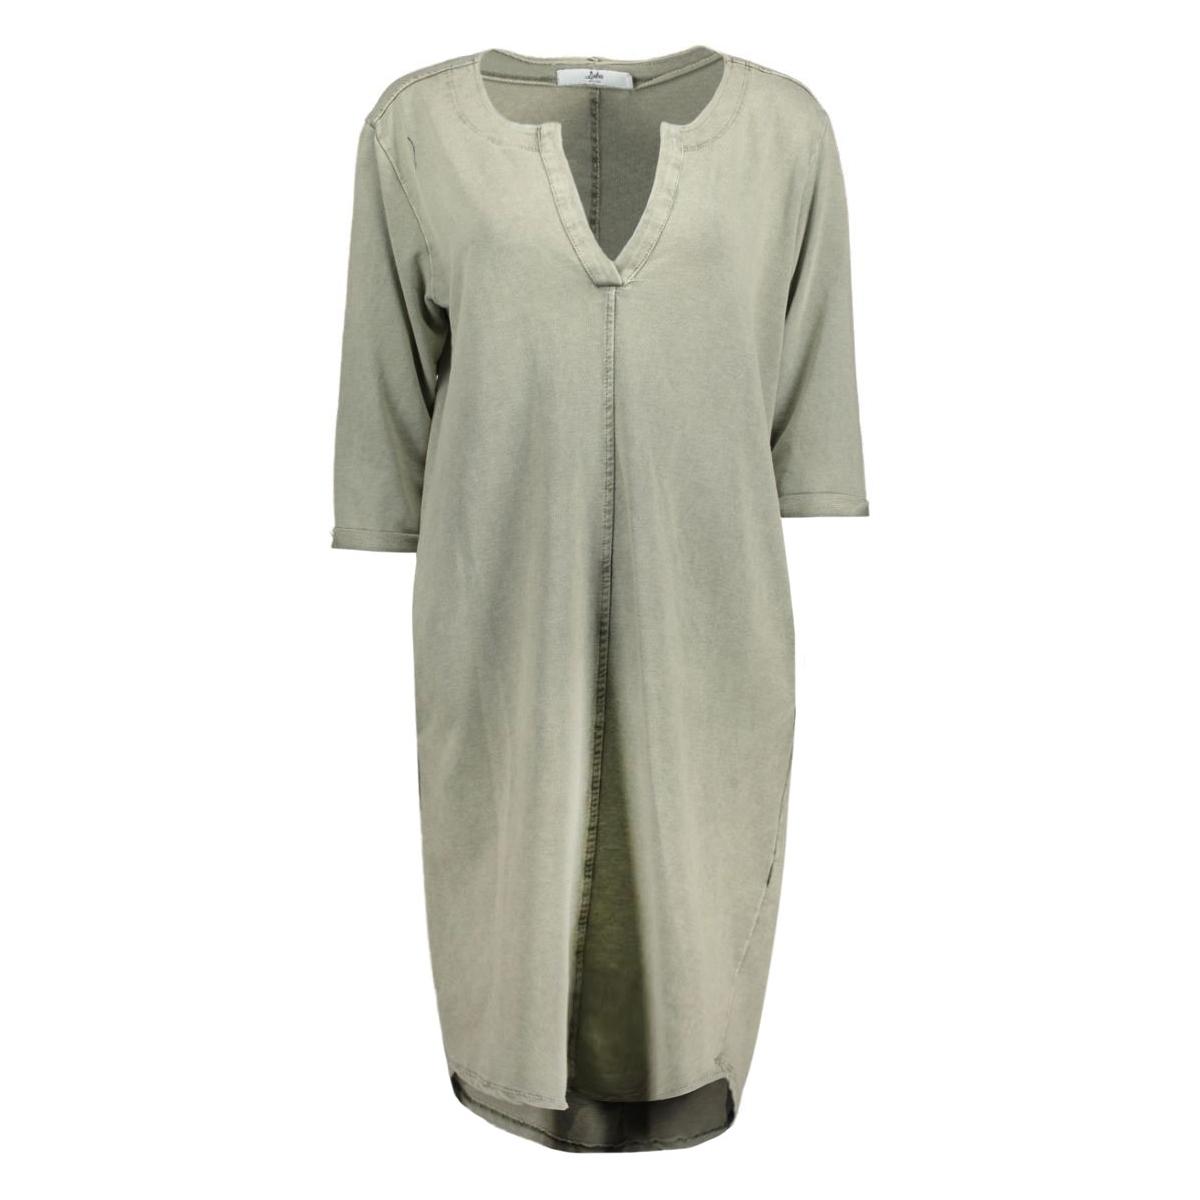 8135 dress v-neck luba jurk army